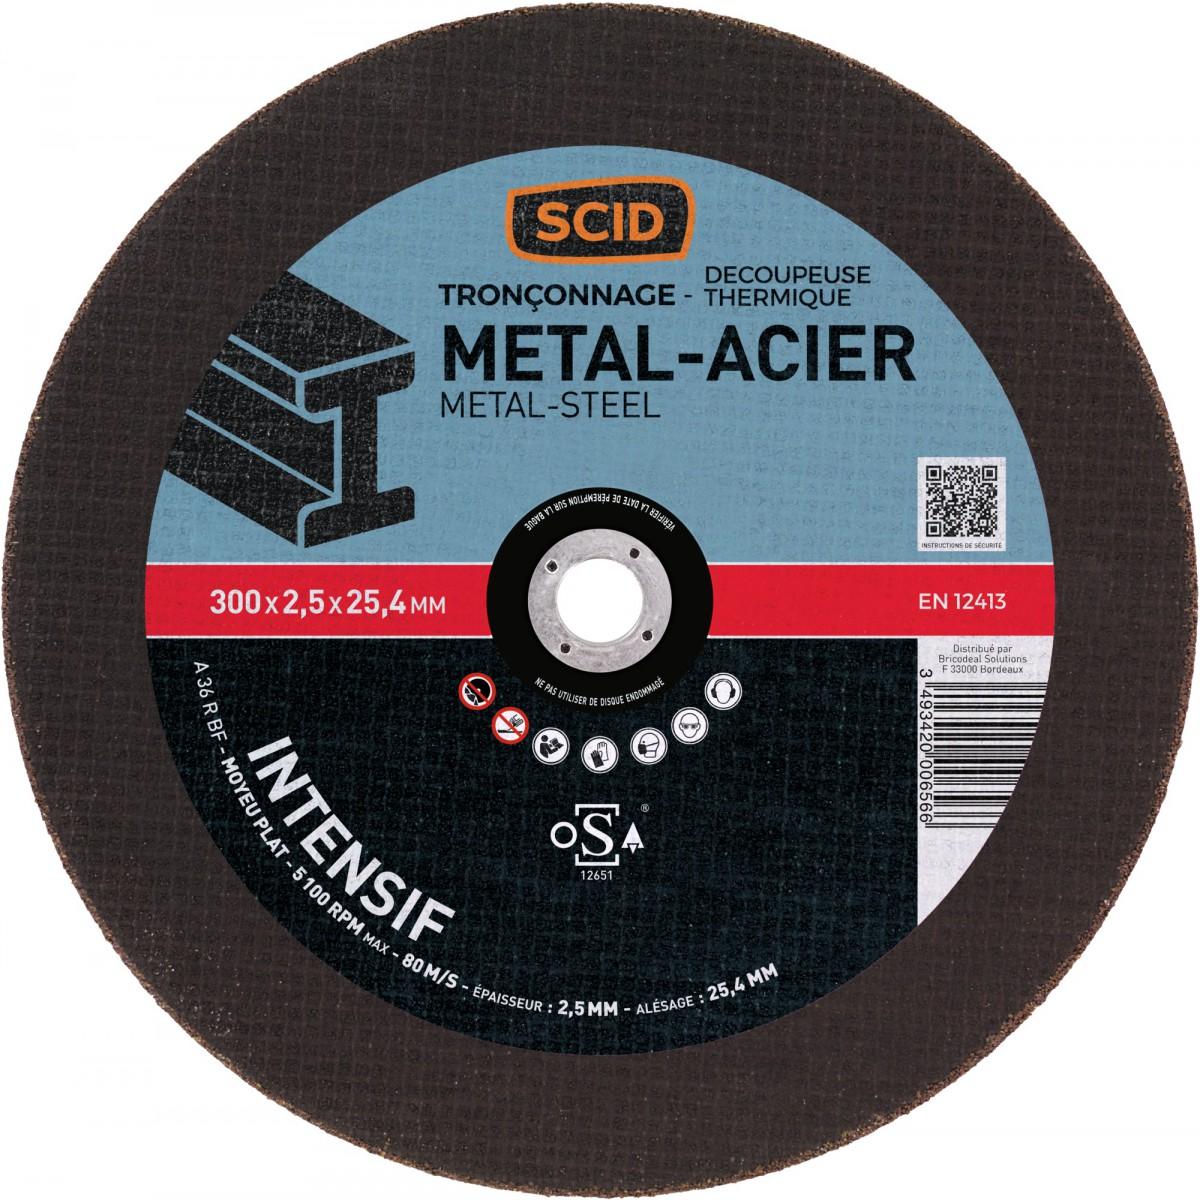 Disque abrasif à moyeu plat SCID - Métaux - Diamètre 300 mm - Alésage 25,4 mm